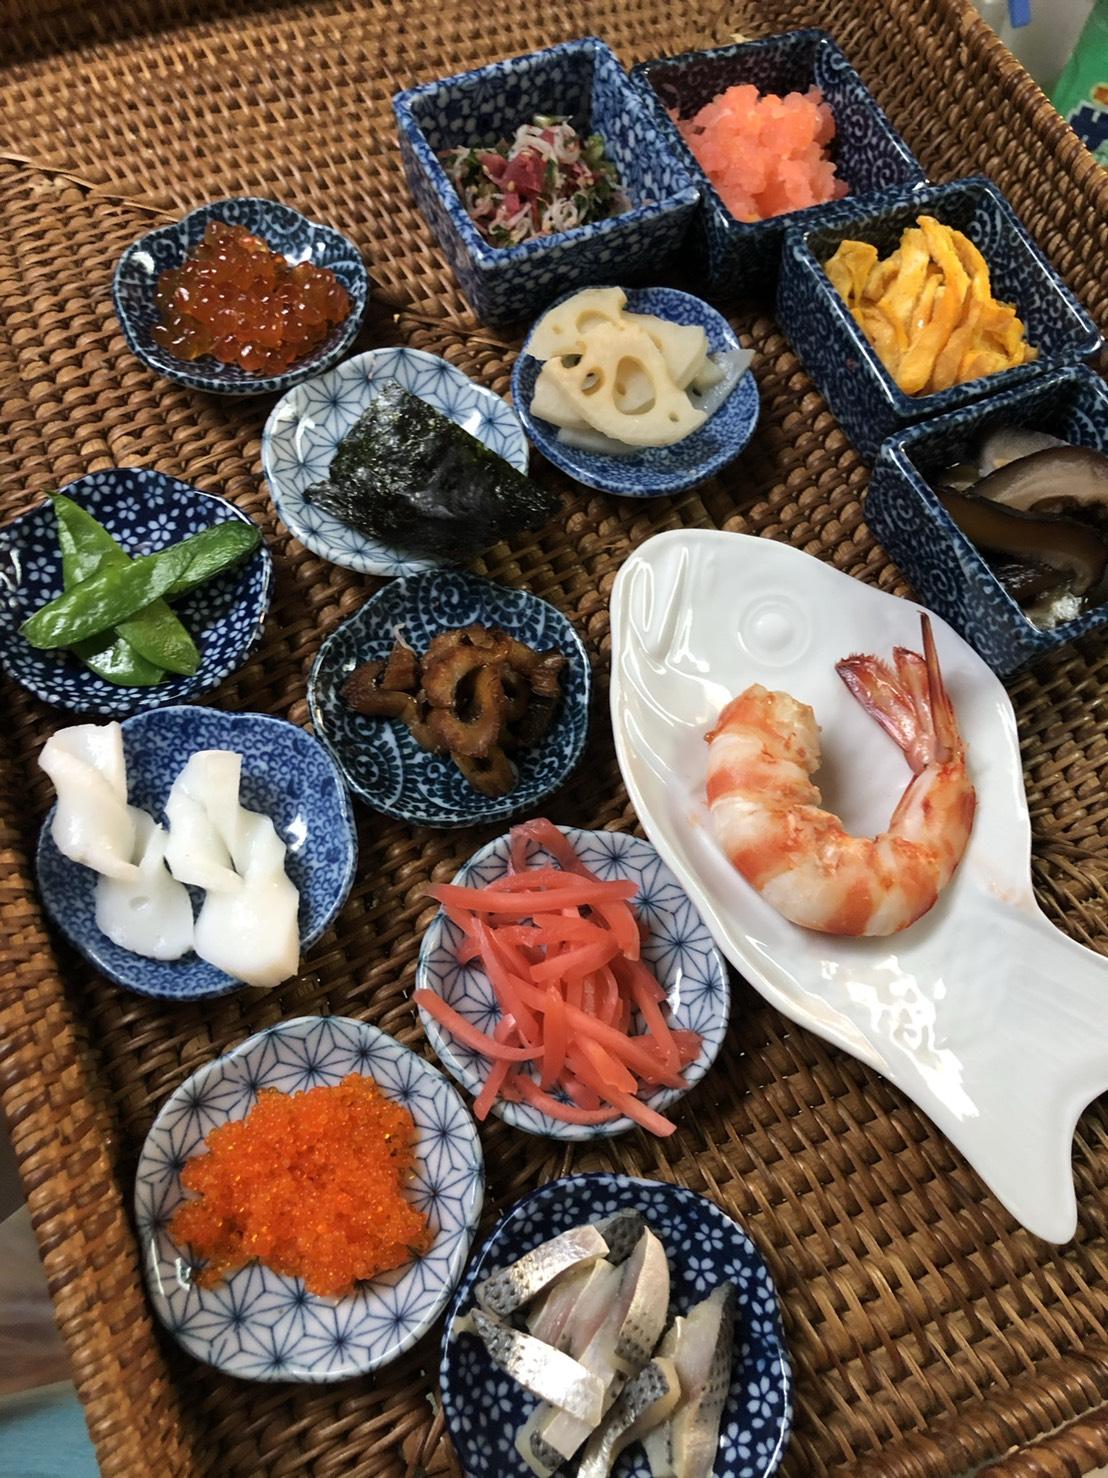 車海老おぼろ、小畑、イクラ、とびこ、酢蓮、ドンコ椎茸、車海老、など15種類以上入ります。